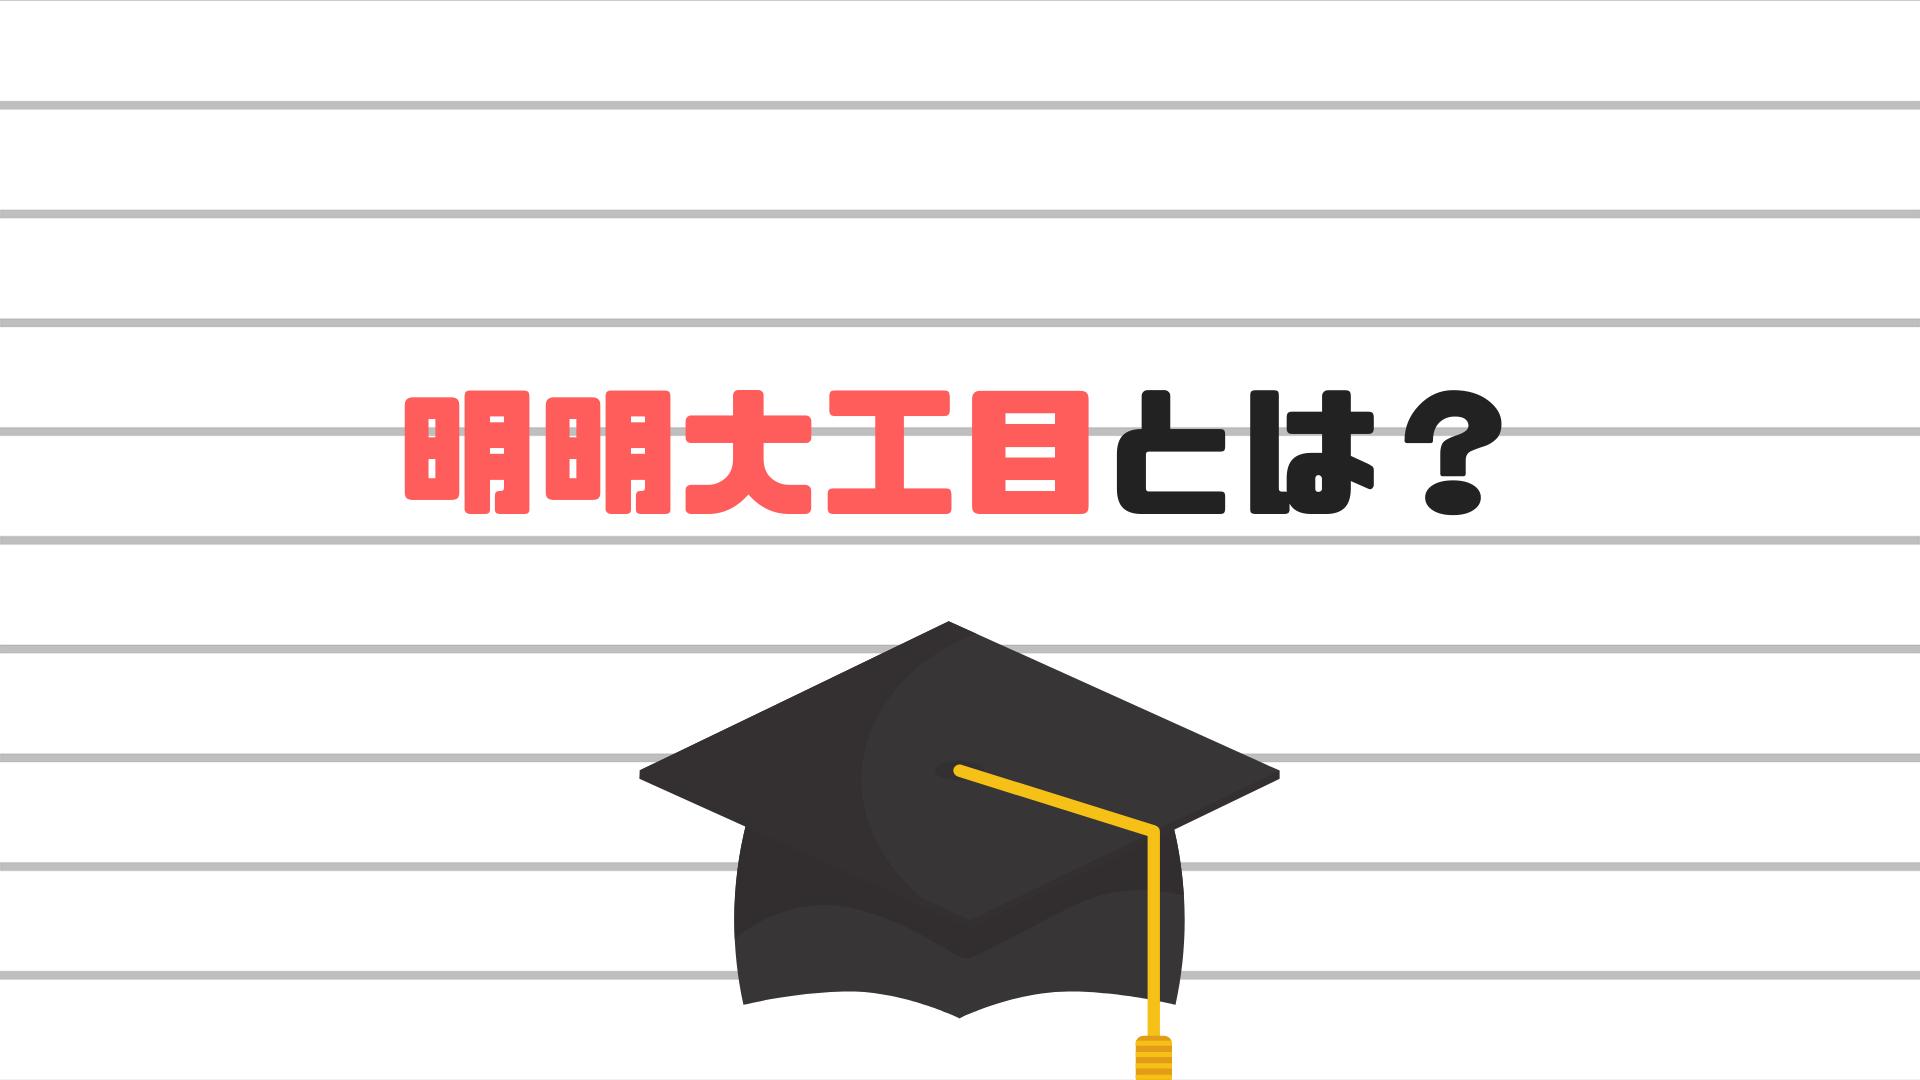 偏差 東京 工芸 値 大学